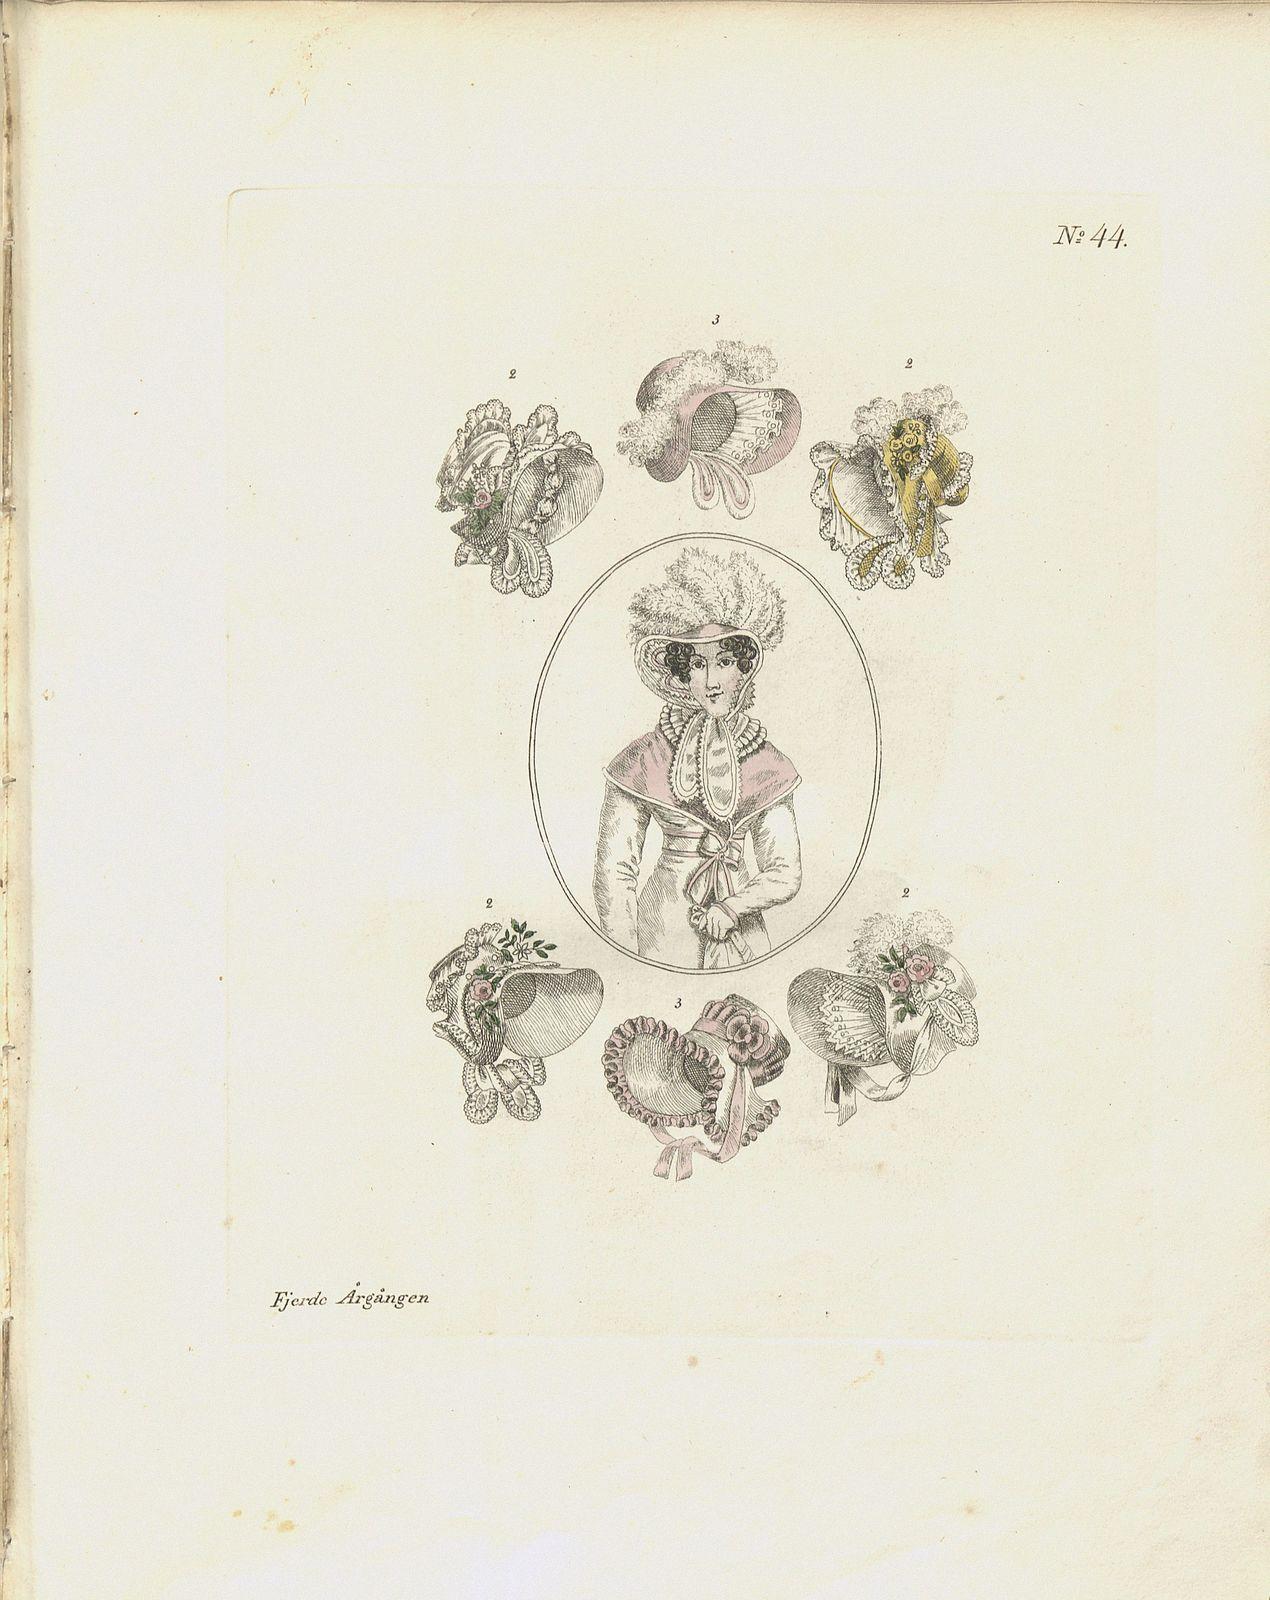 Konst och Nyhetsmagasin för medborgare af alla klasser 1821